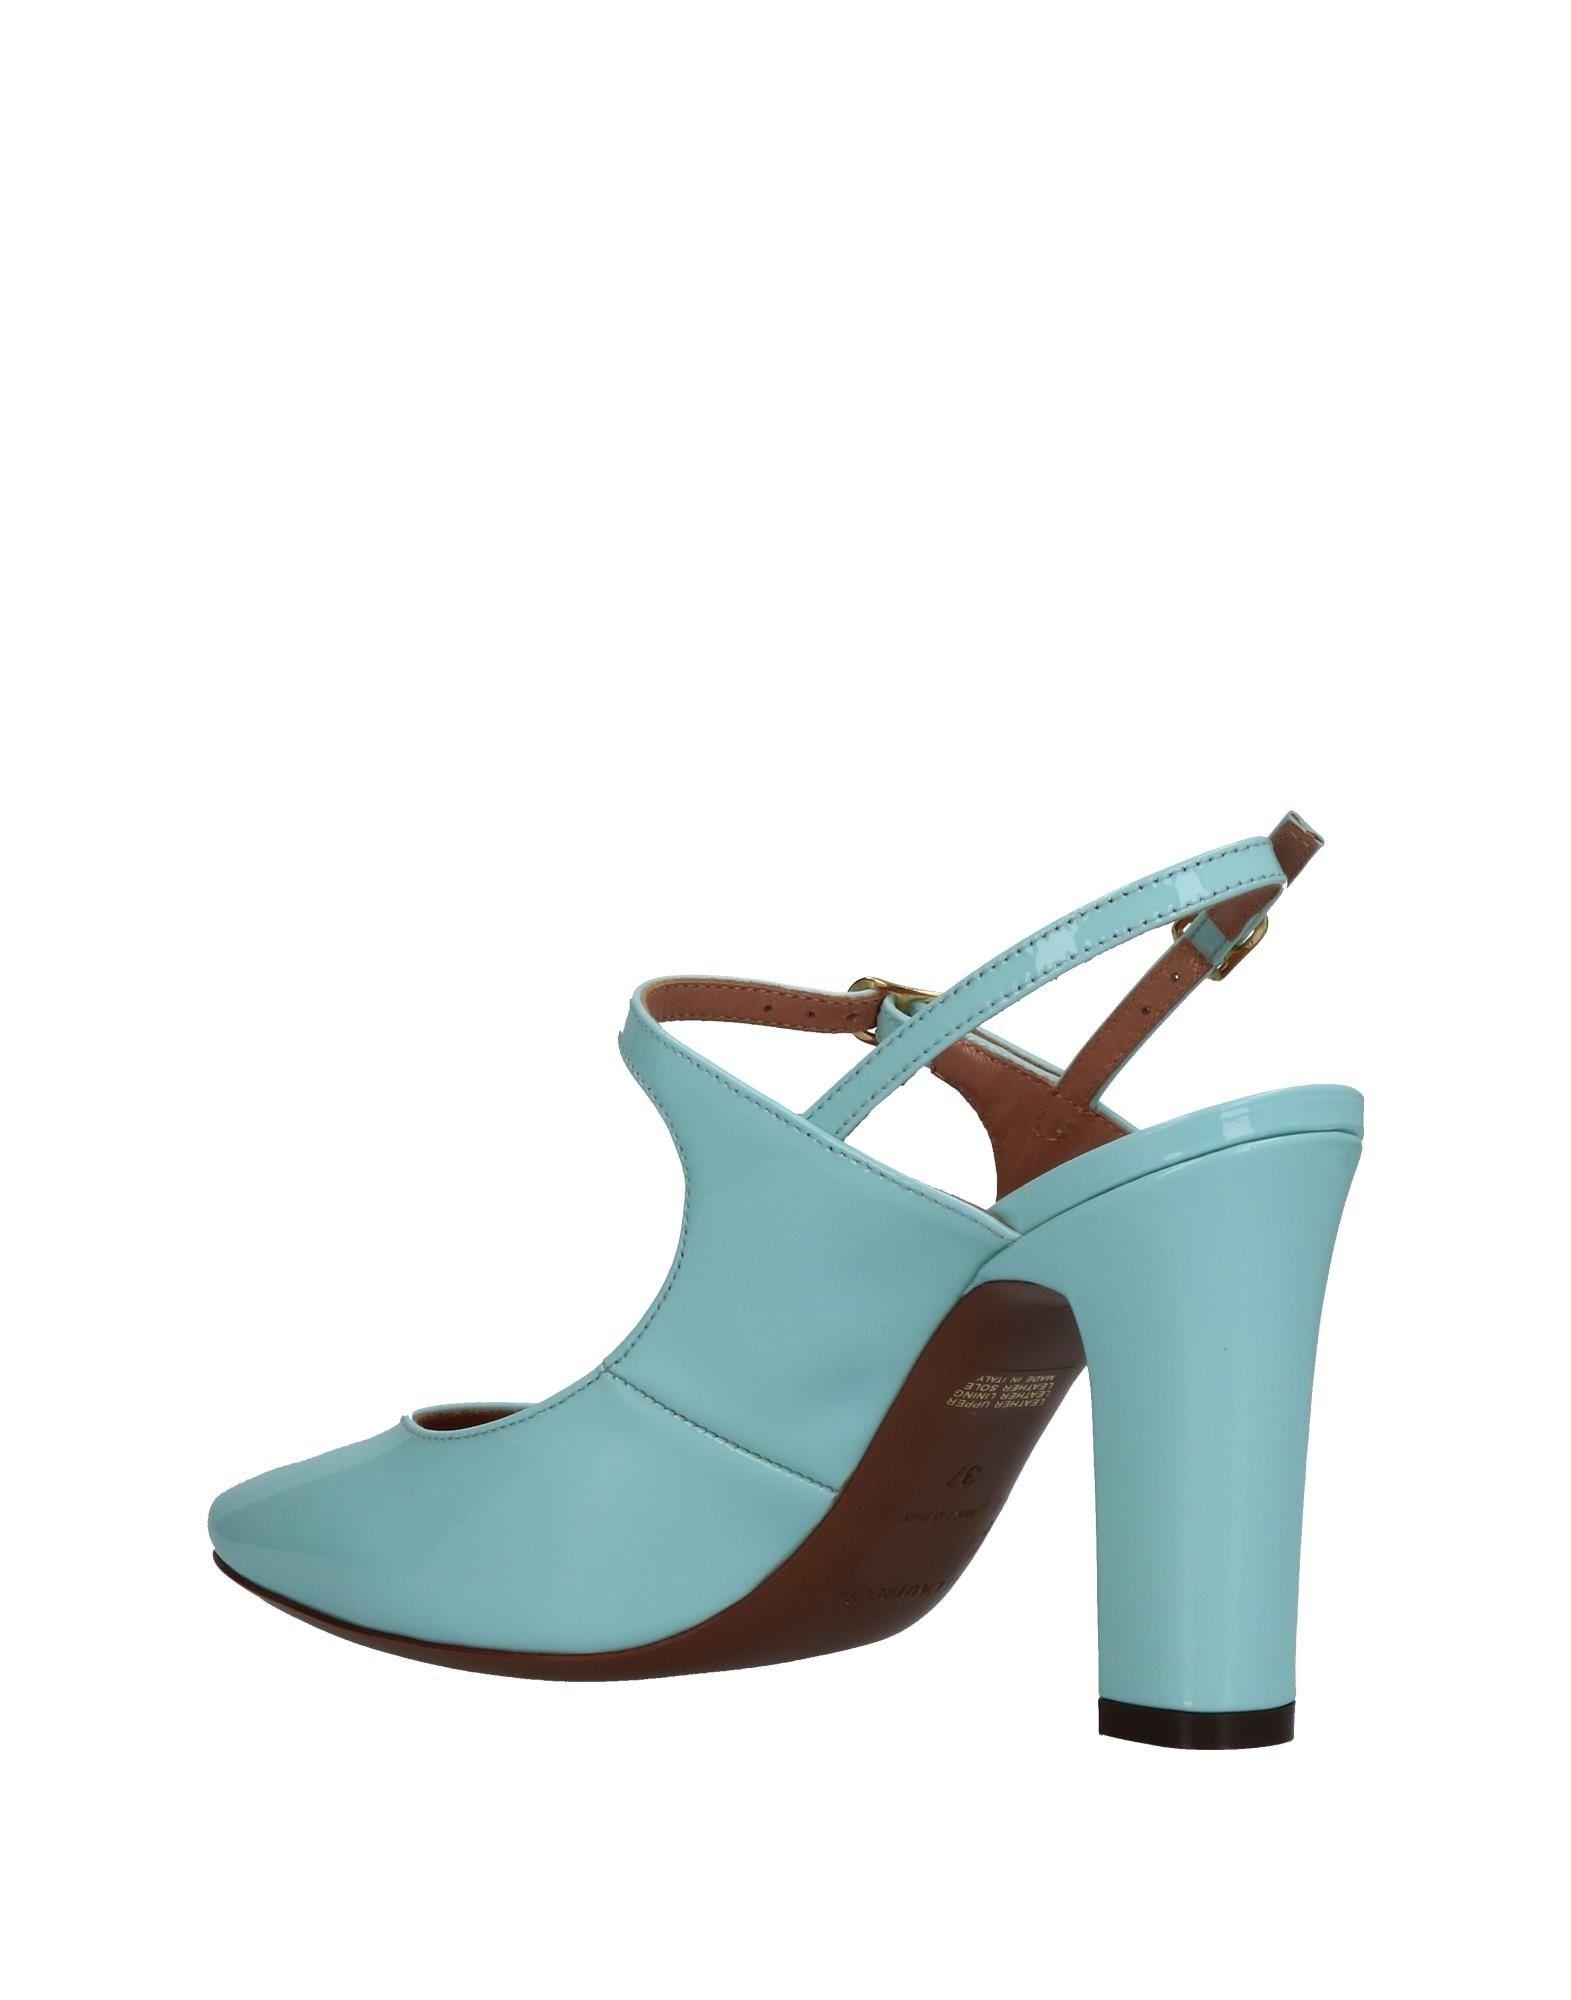 Stilvolle billige Pumps Schuhe L' Autre Chose Pumps billige Damen  11342261RX 484a4d